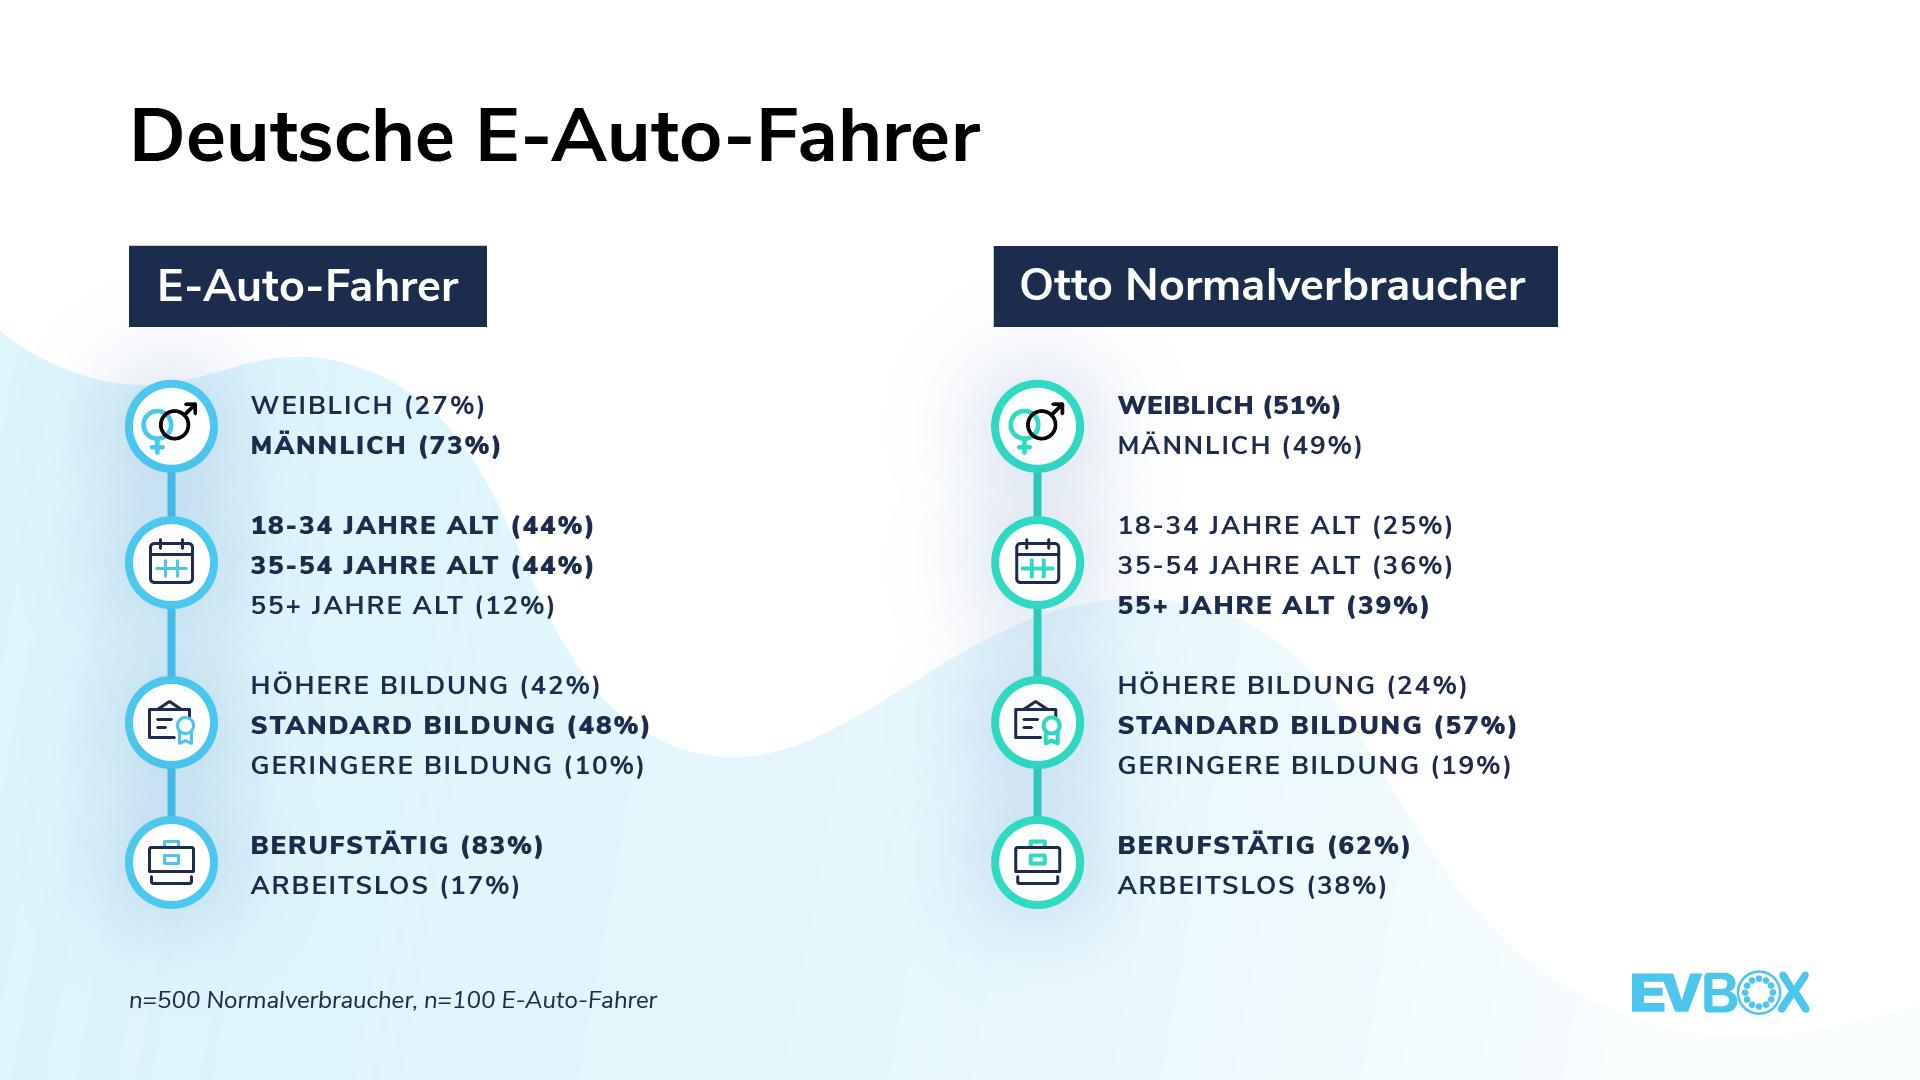 EVBox Mobility Monitor: Deutsche E-Auto-Fahrer